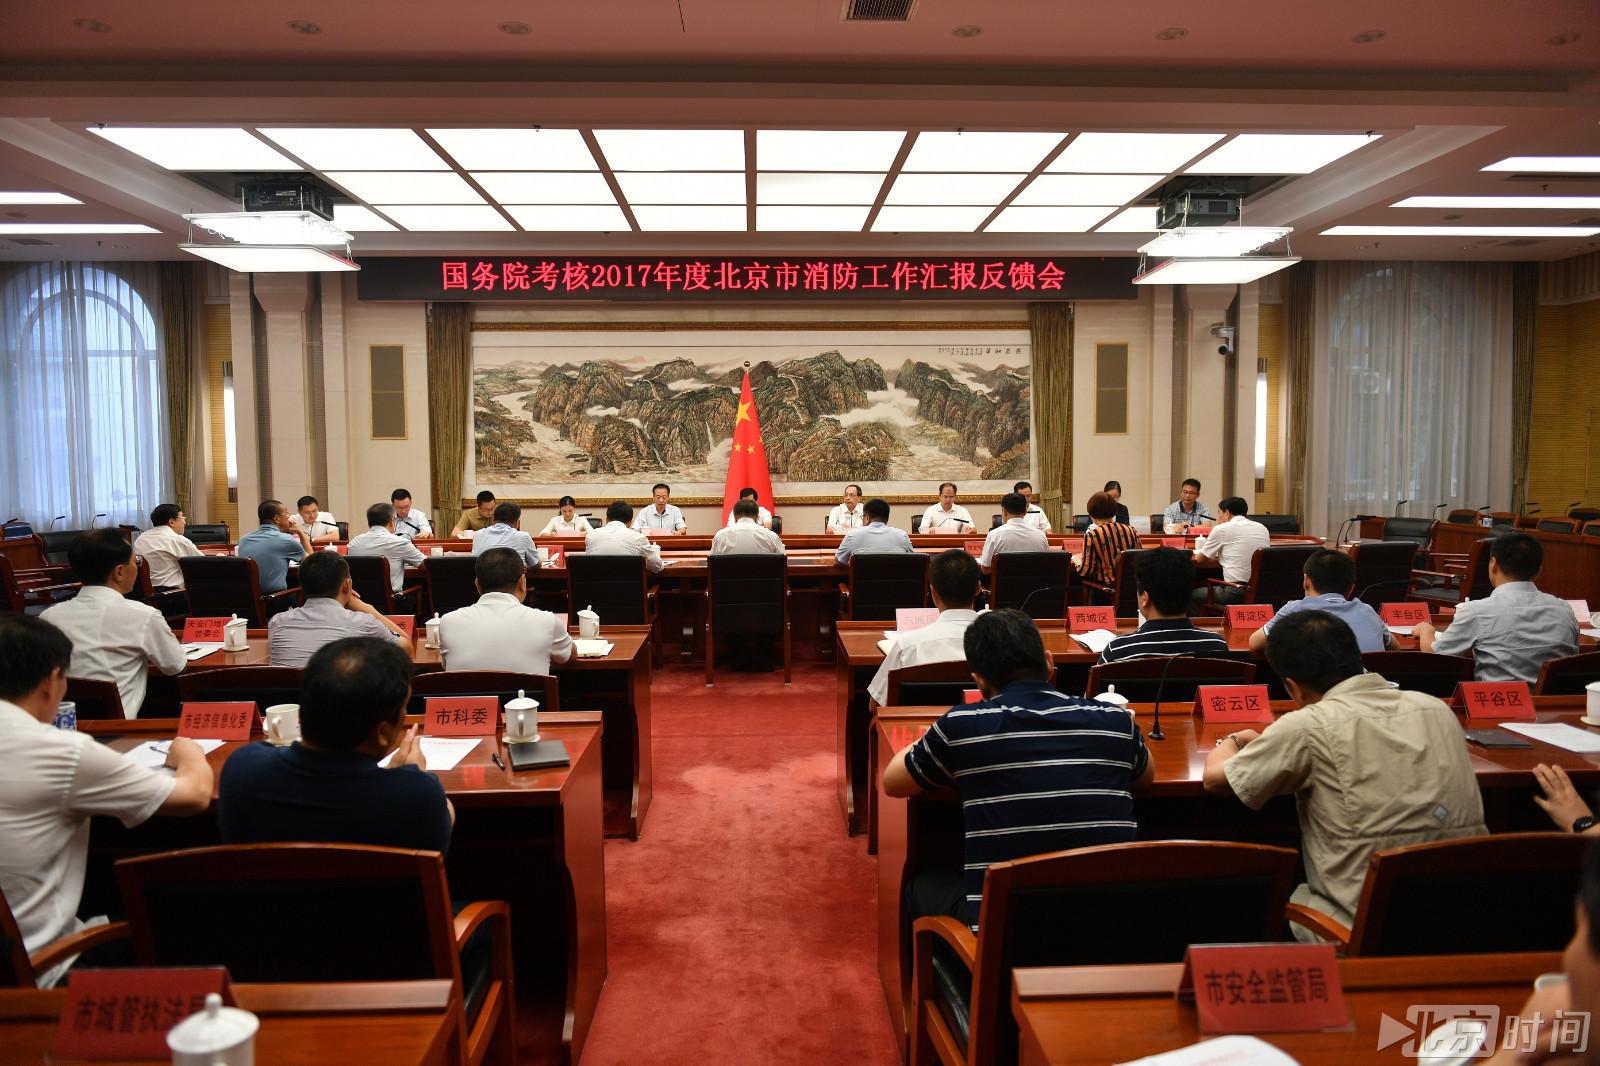 国务院考核组对北京市政府2017年度消防工作进行考核